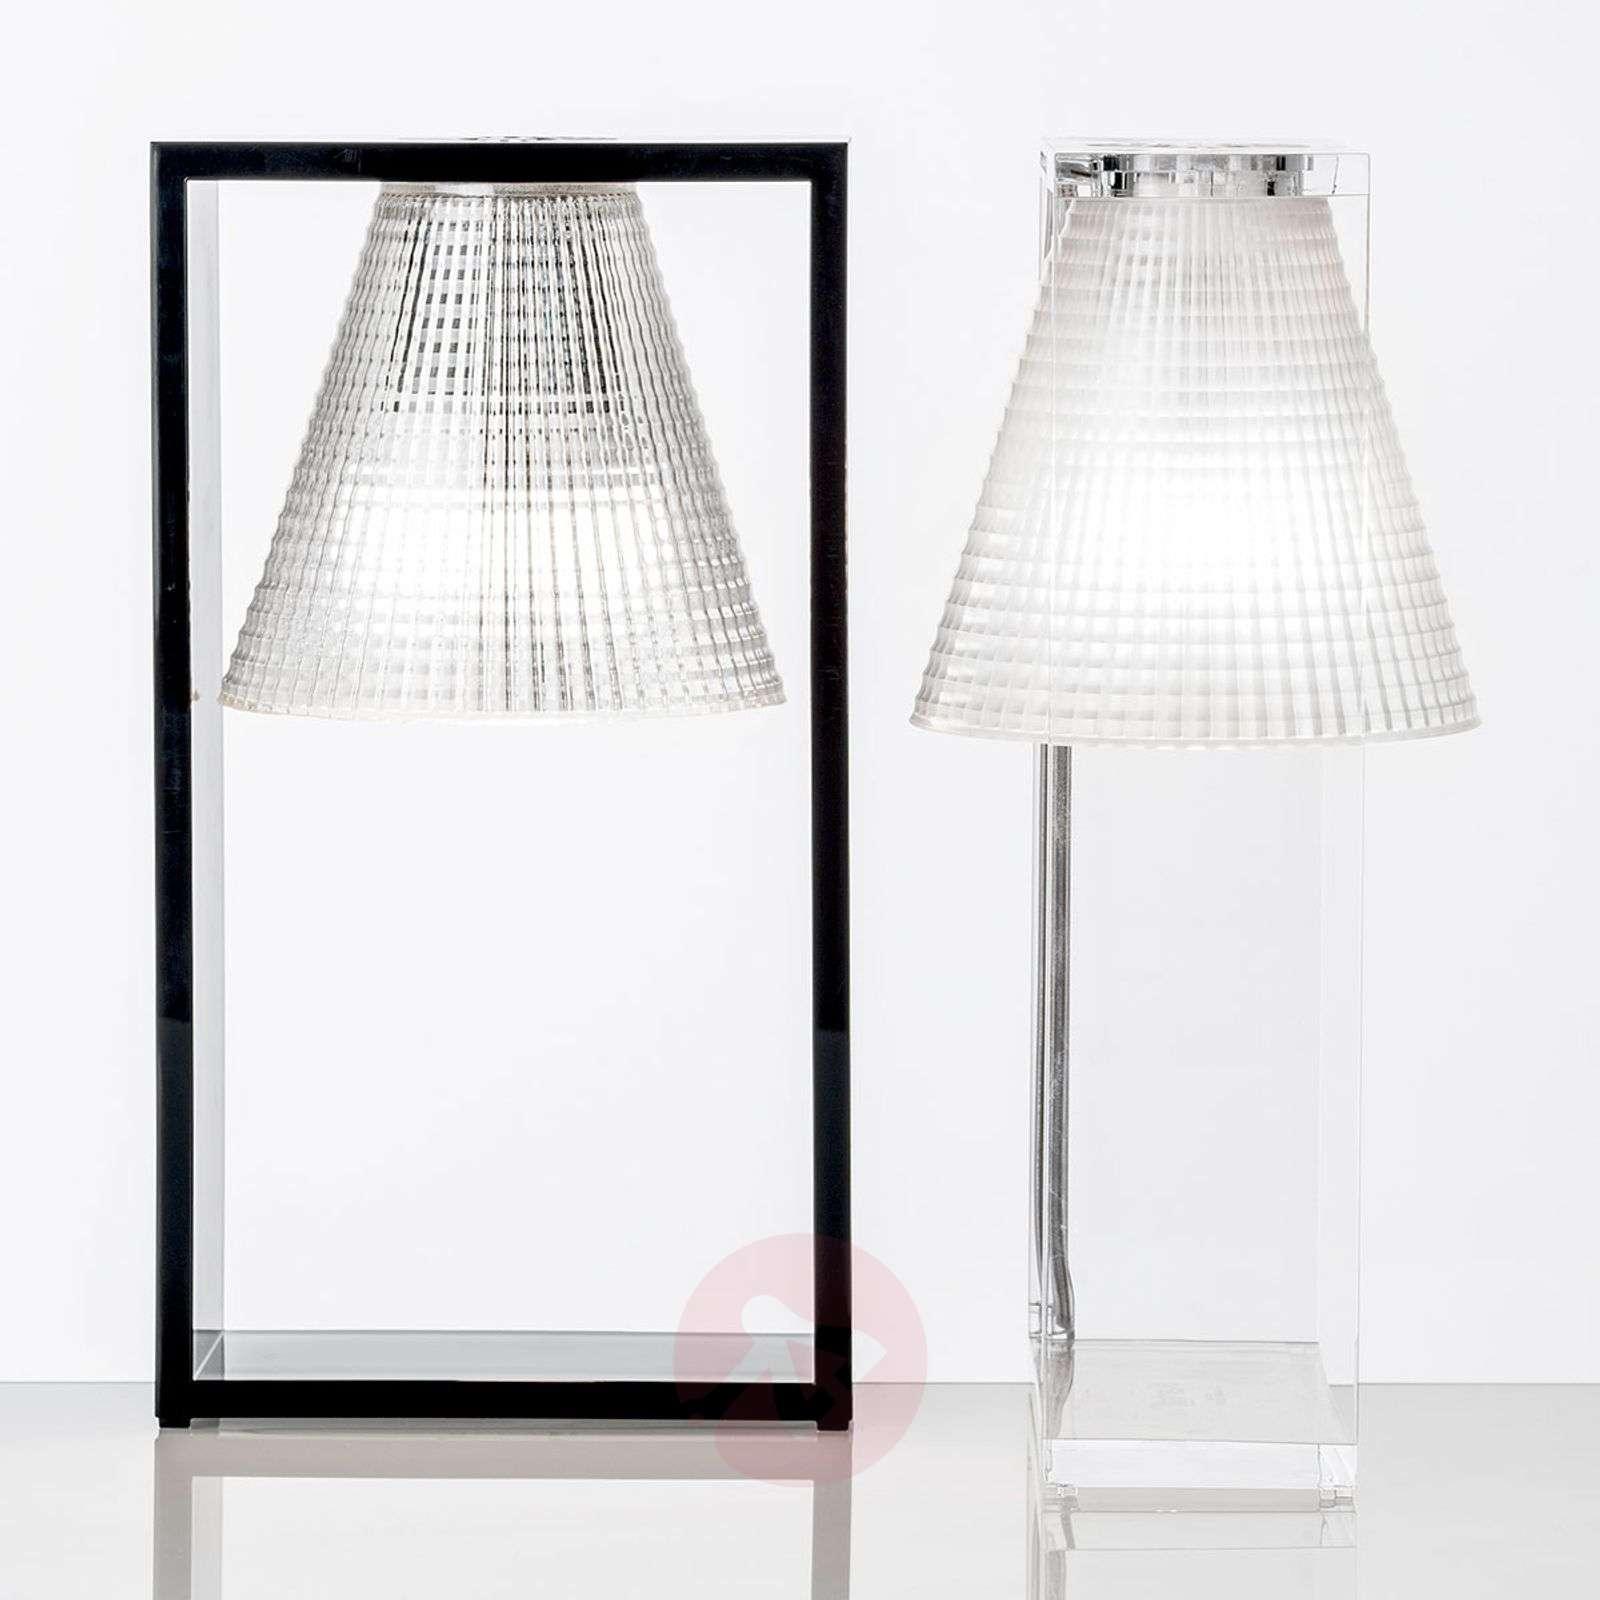 Design-LED-pöytälamppu Light-Air, musta/läpinäkyvä-5541037-01